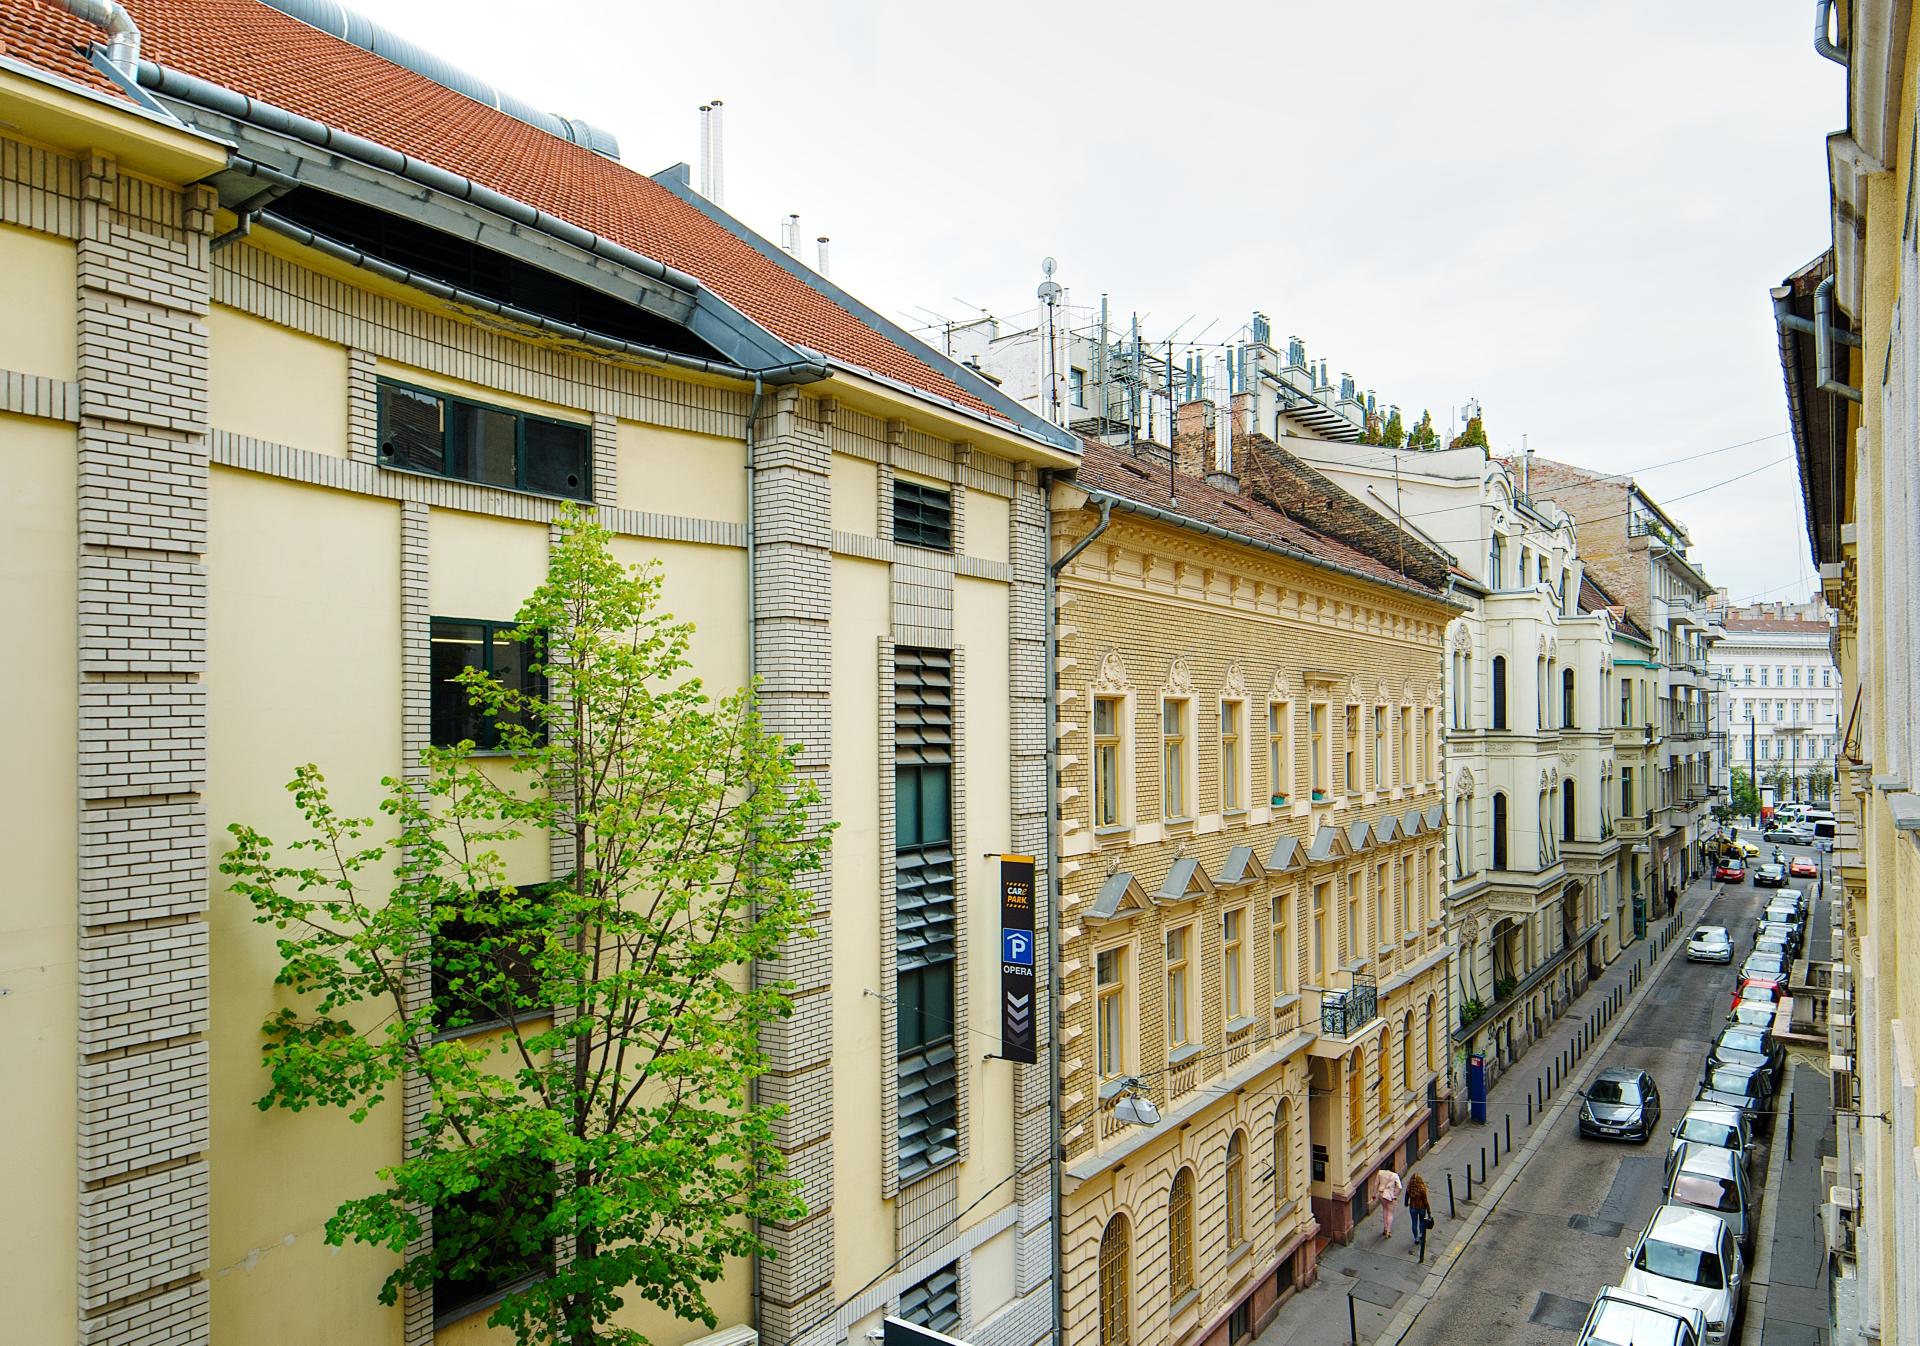 District 6, Zichy Jenő utca 6.